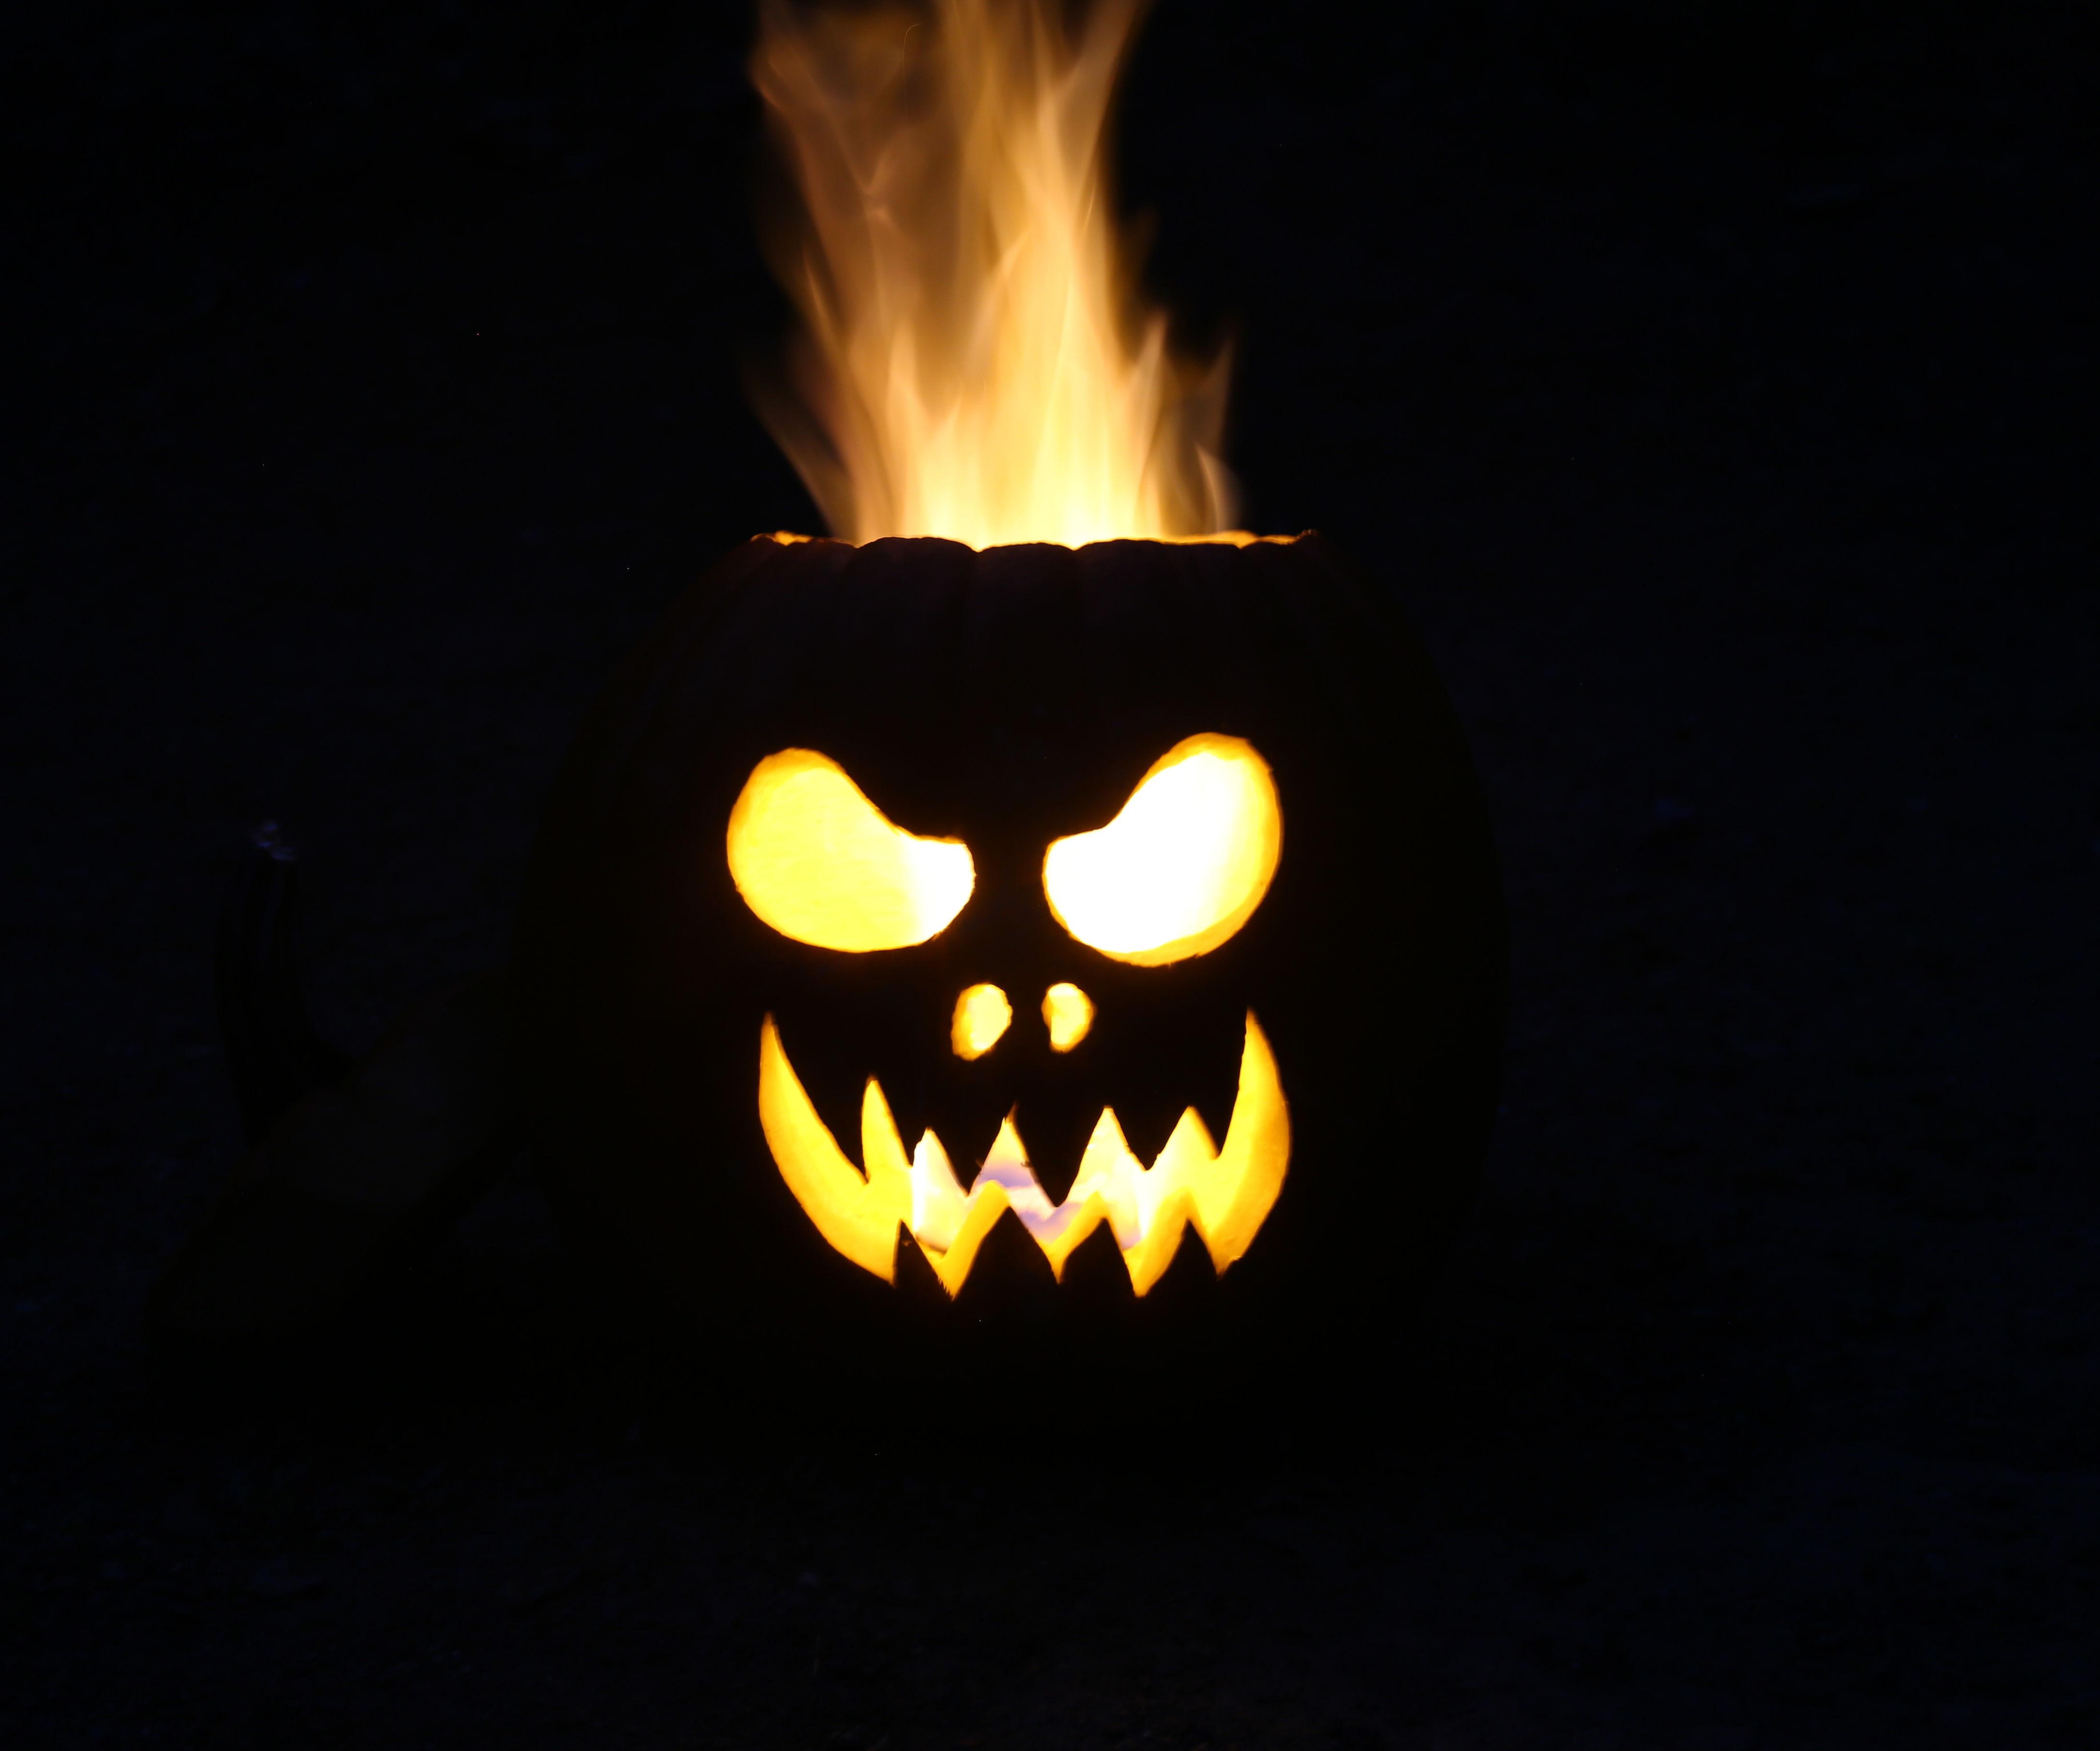 Flaming Jack